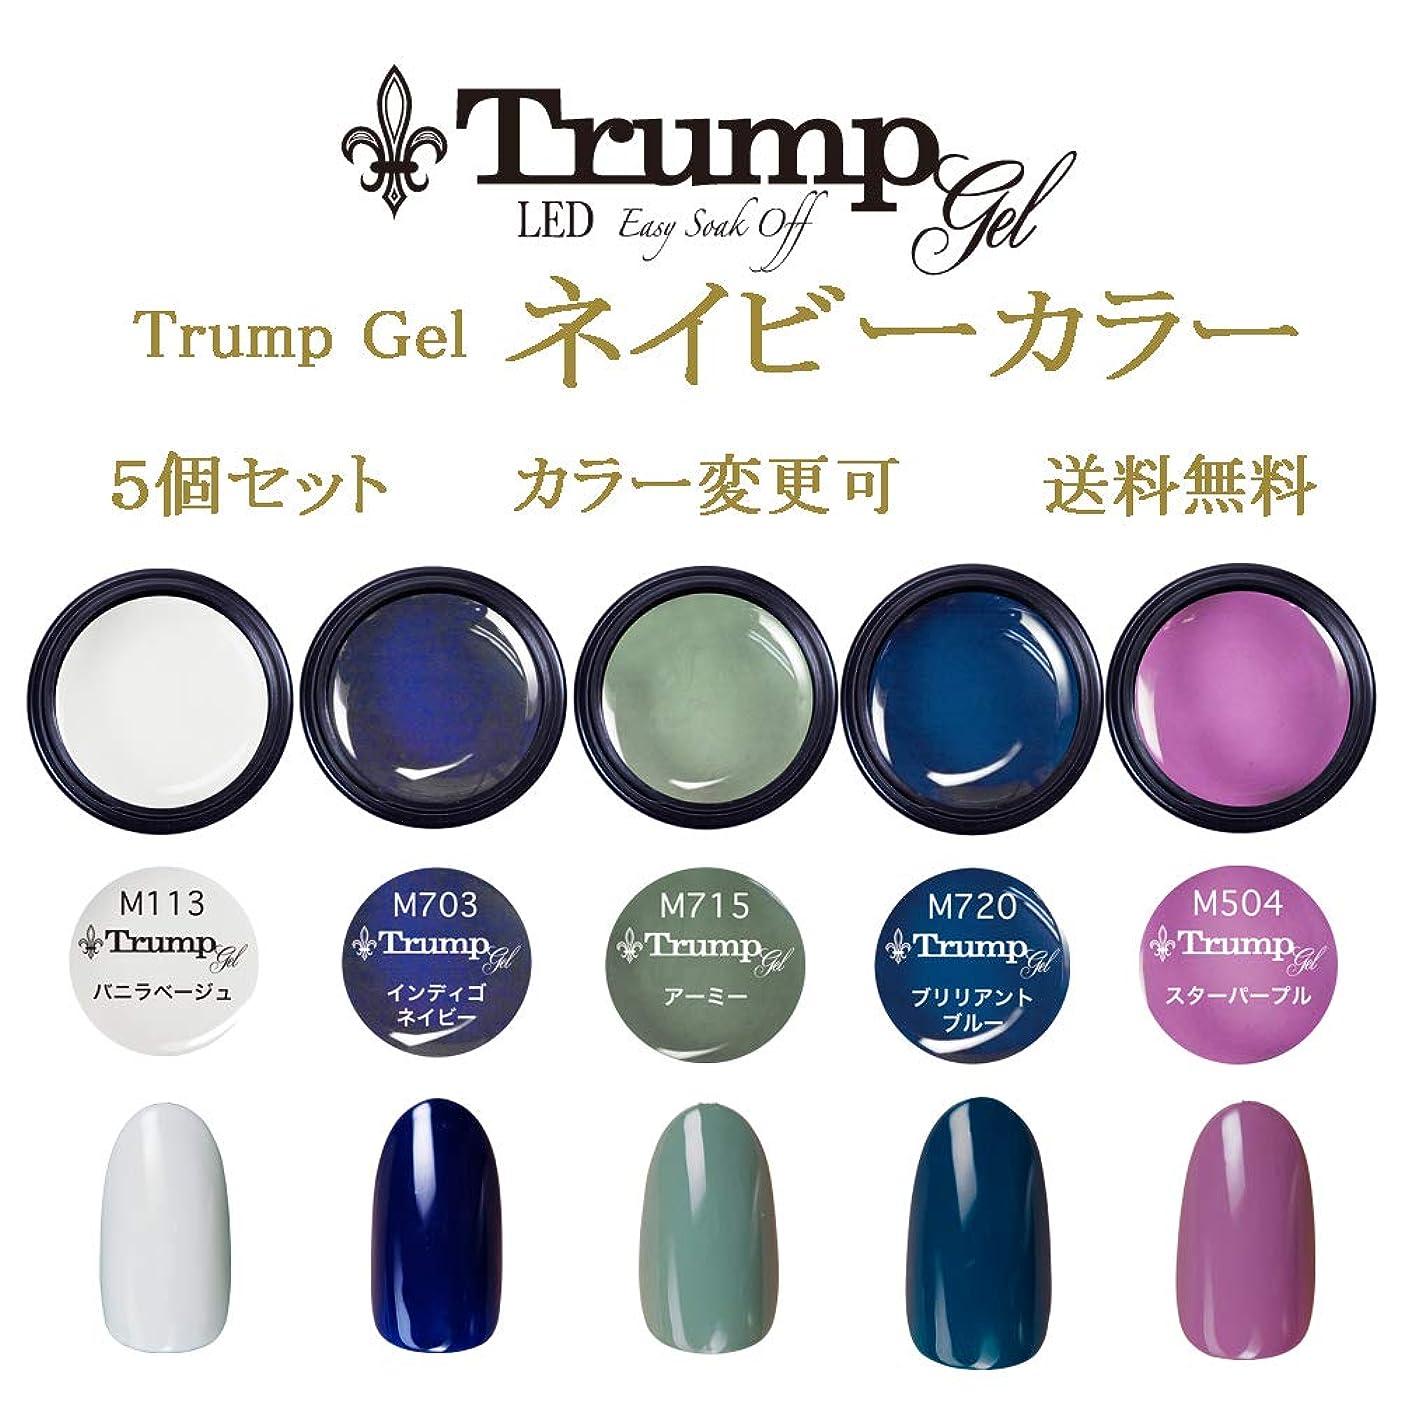 追加するトピックカヌー日本製 Trump gel トランプジェル ネイビーカラー 選べる カラージェル 5個セット ホワイト ブルー ネイビー パープル カーキ グリーン